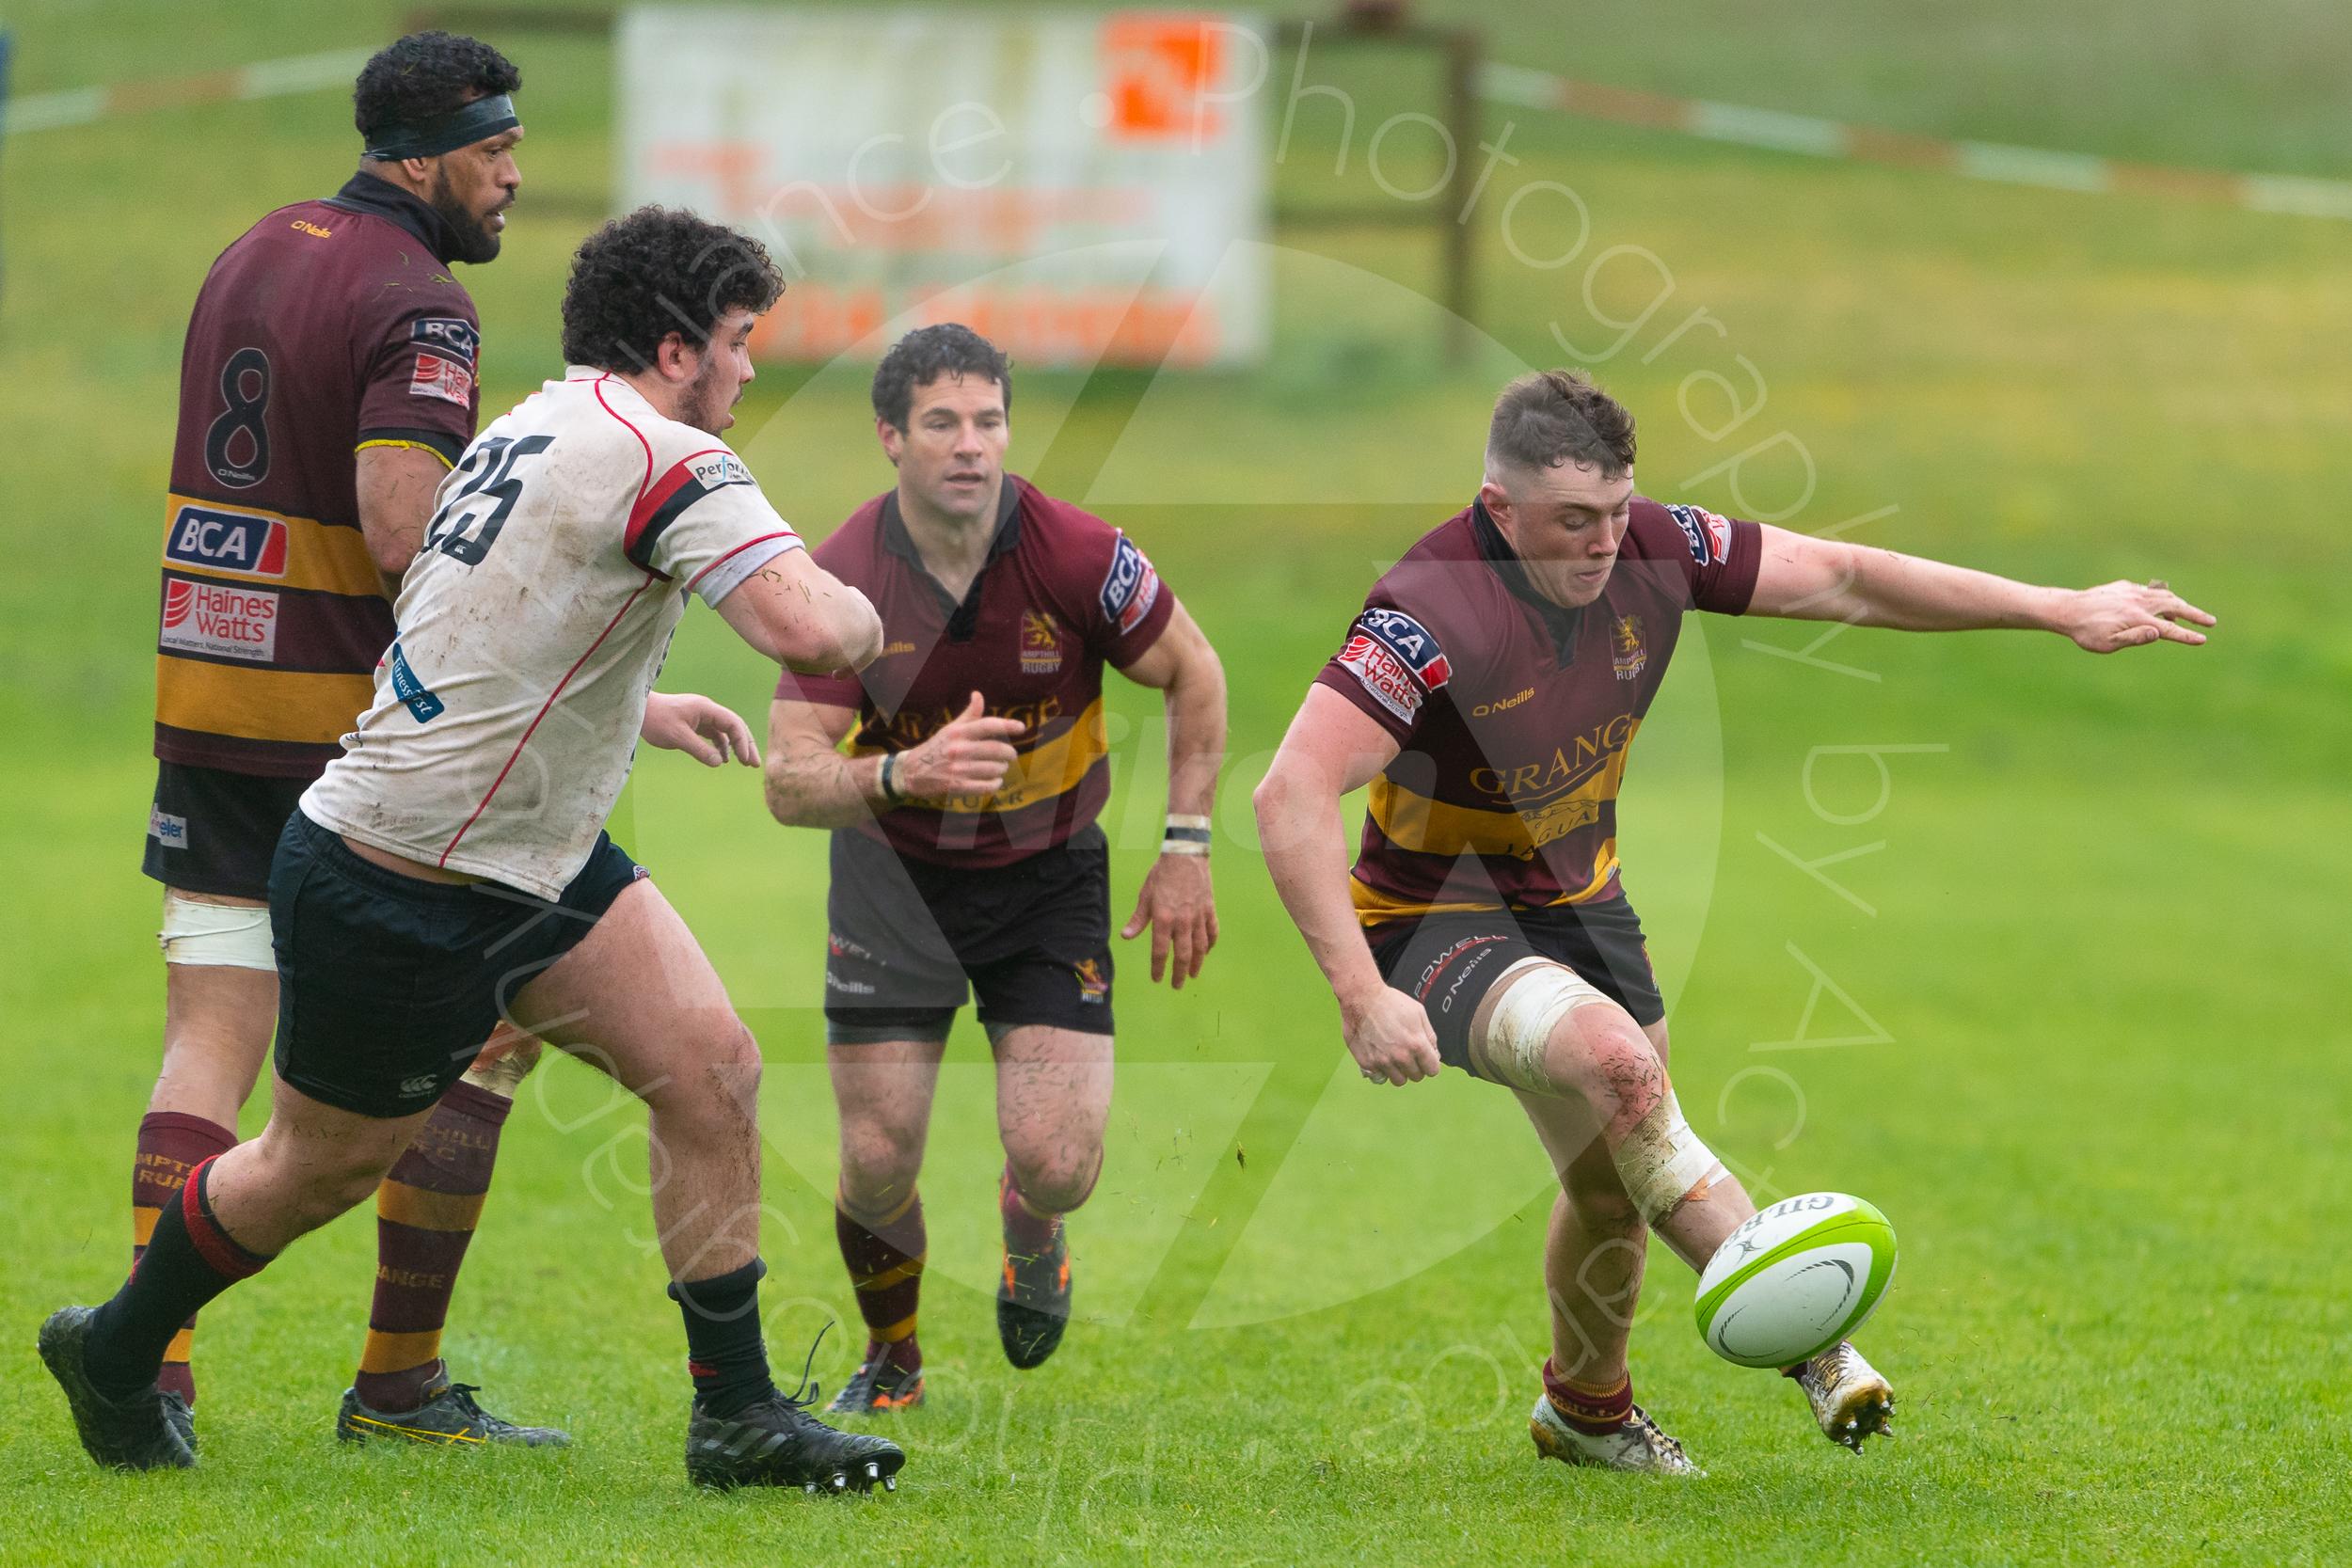 20180428 Ampthill 1st XV vs Moseley #9872